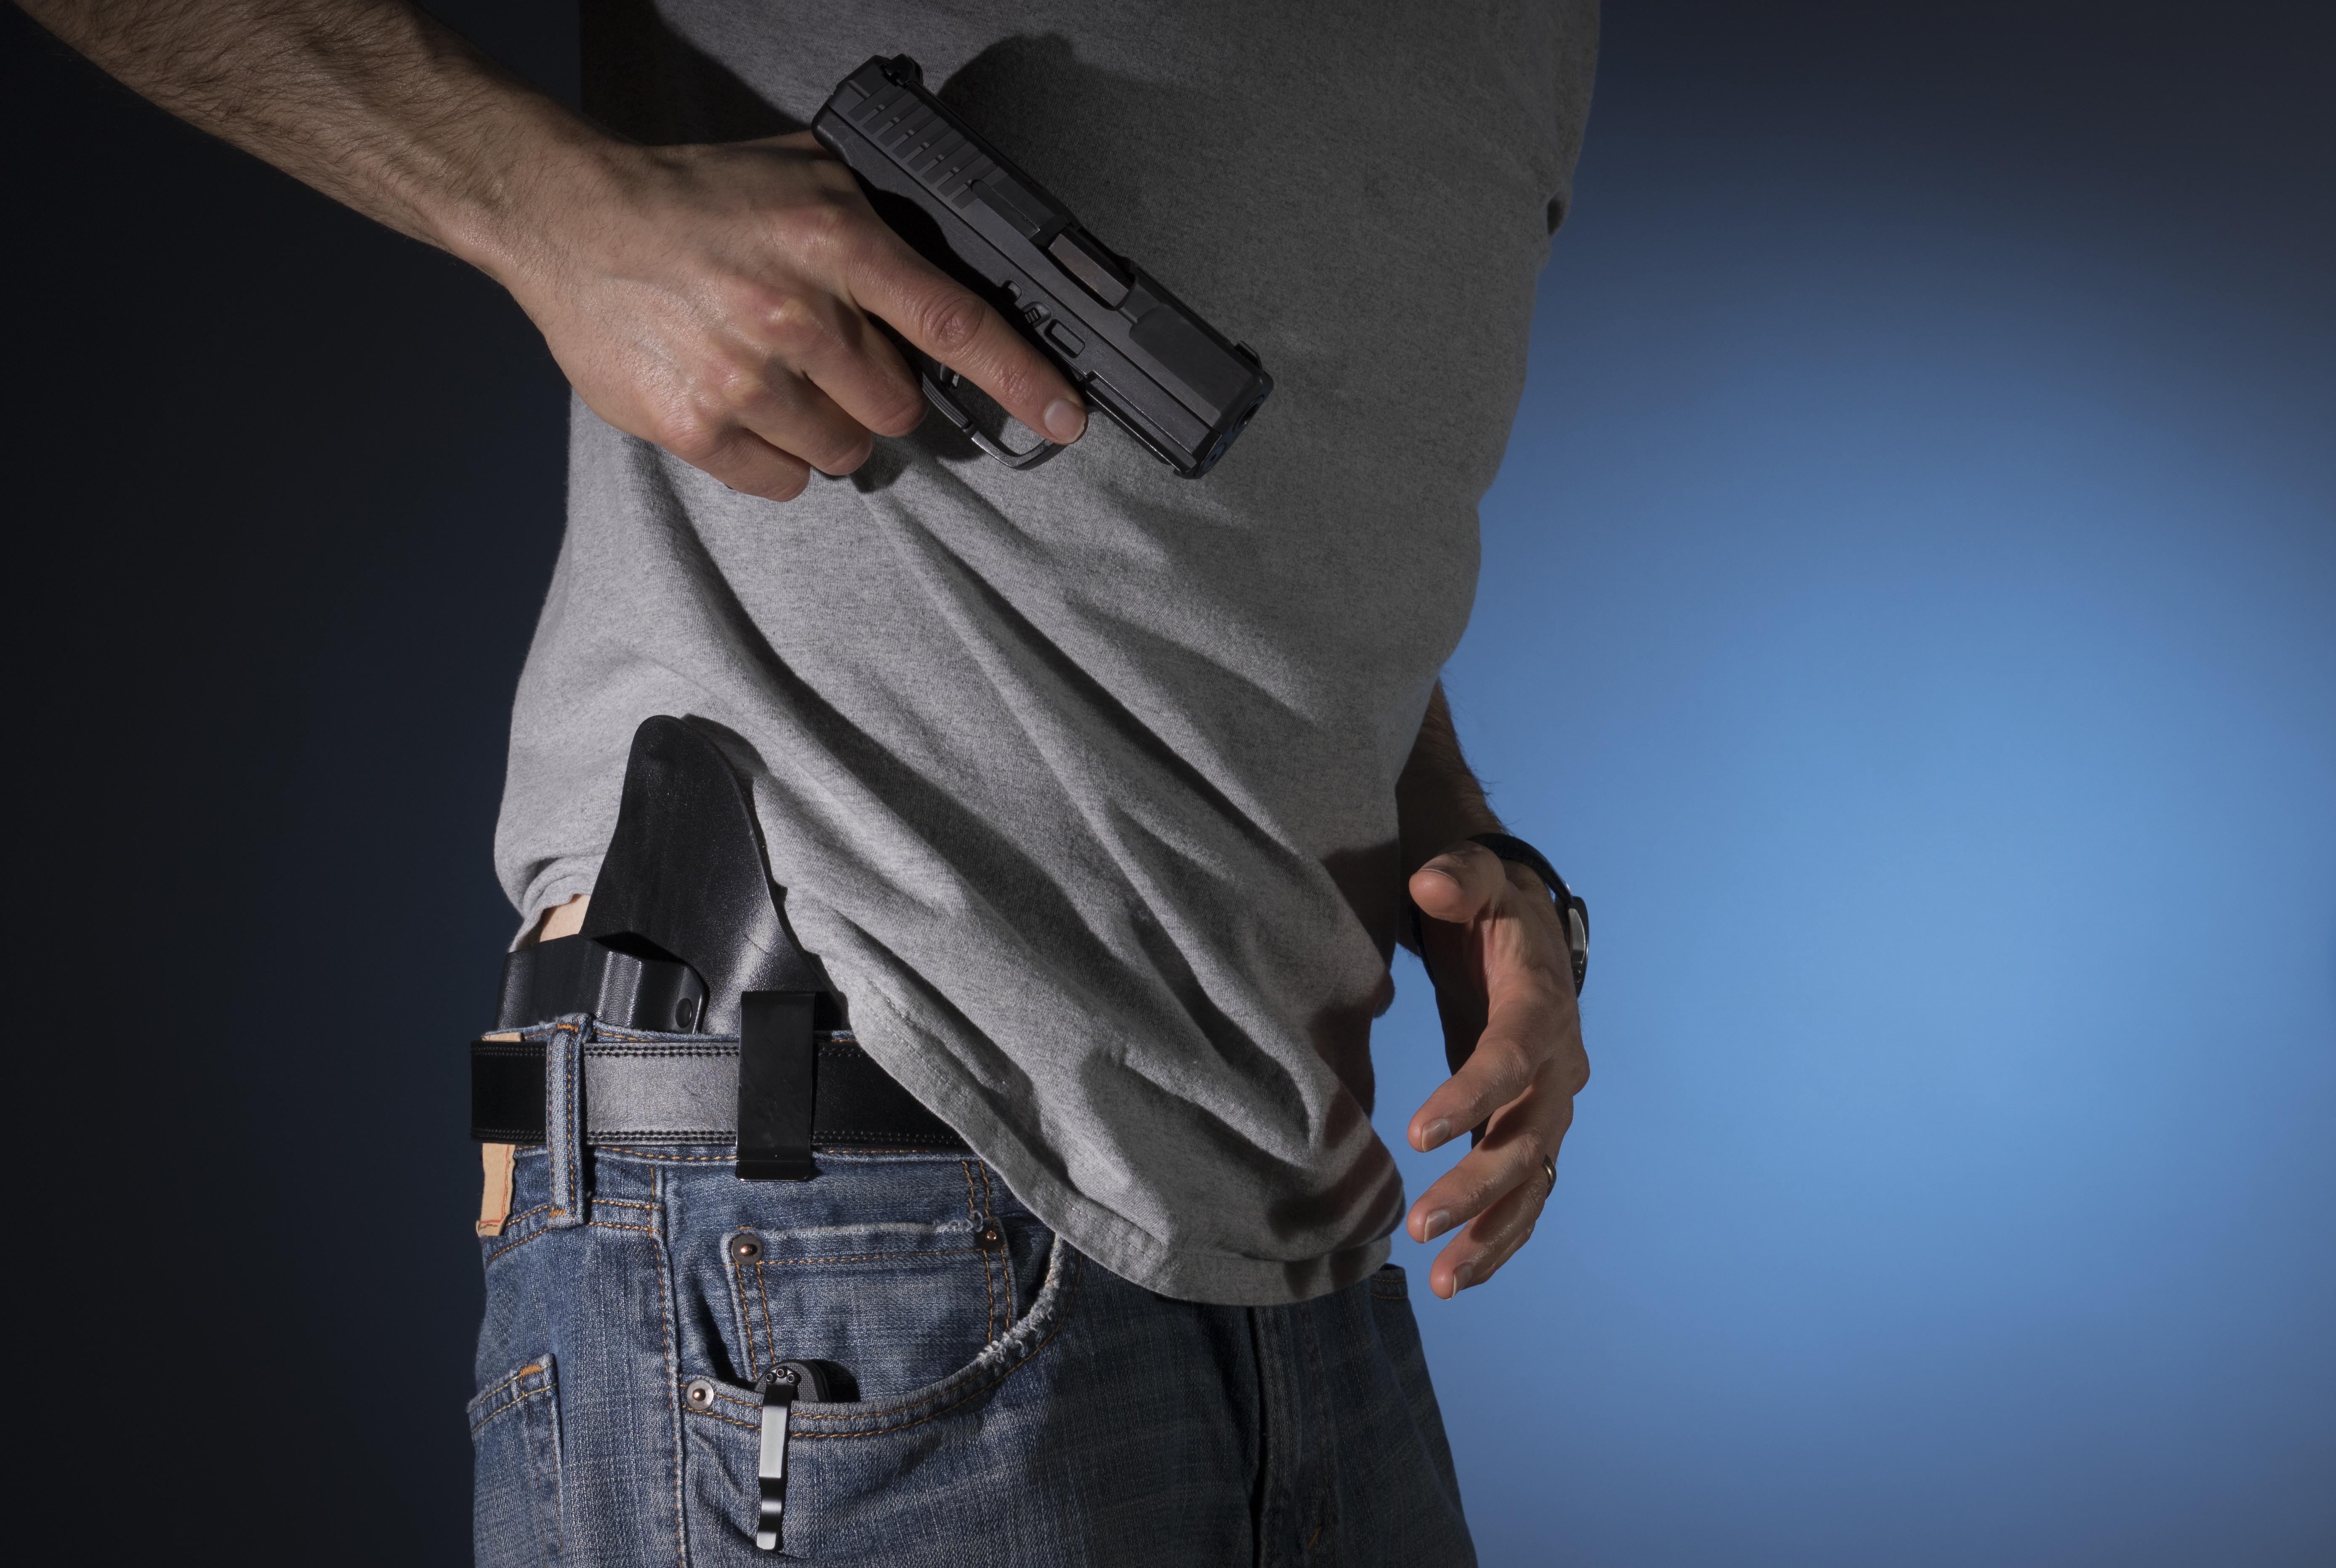 Facet wyciagający pistolet